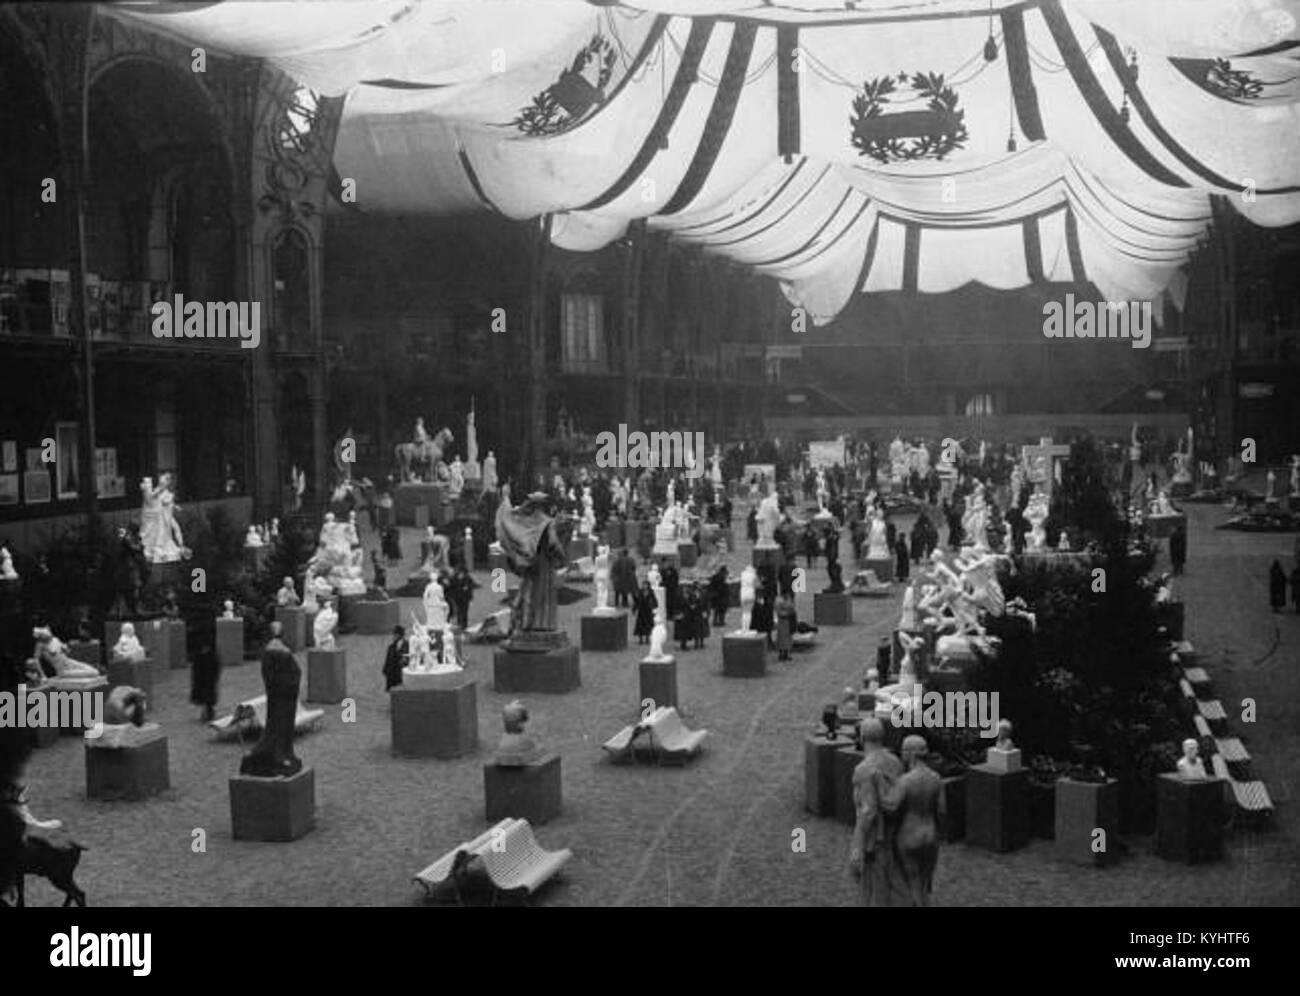 Salon des artistes français 1932 - Stock Image